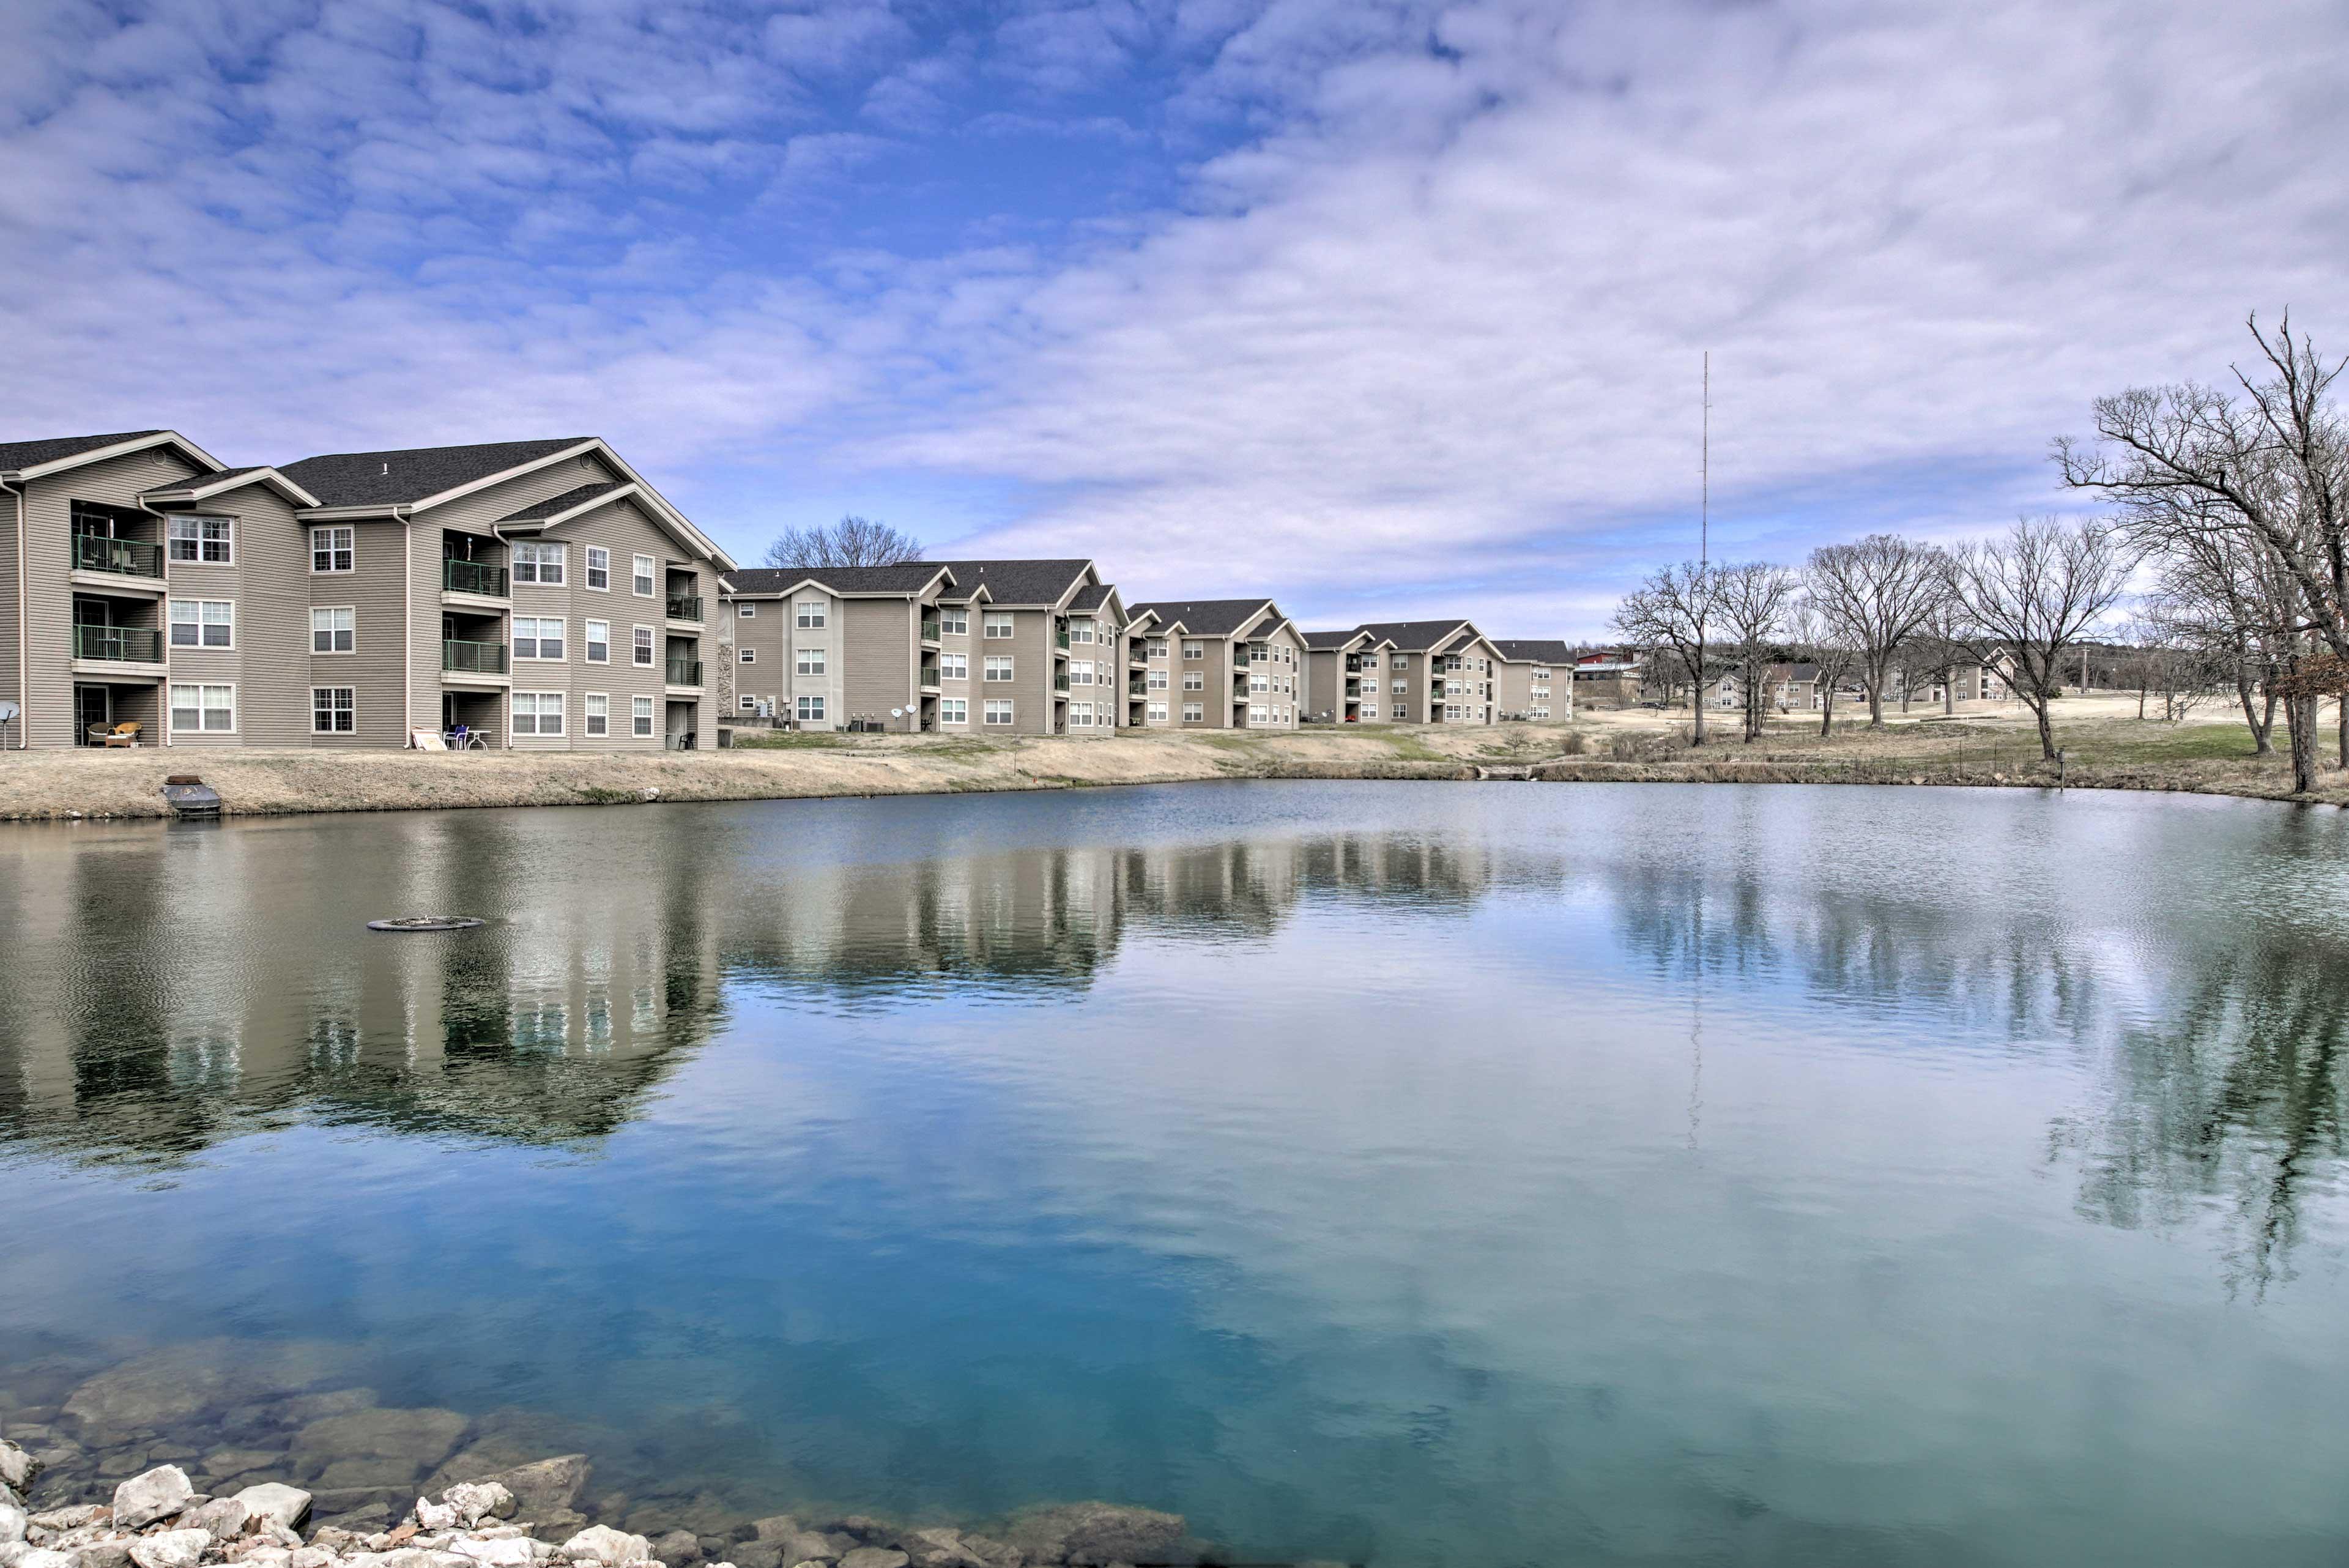 Condo Exterior | Catch and Release Pond